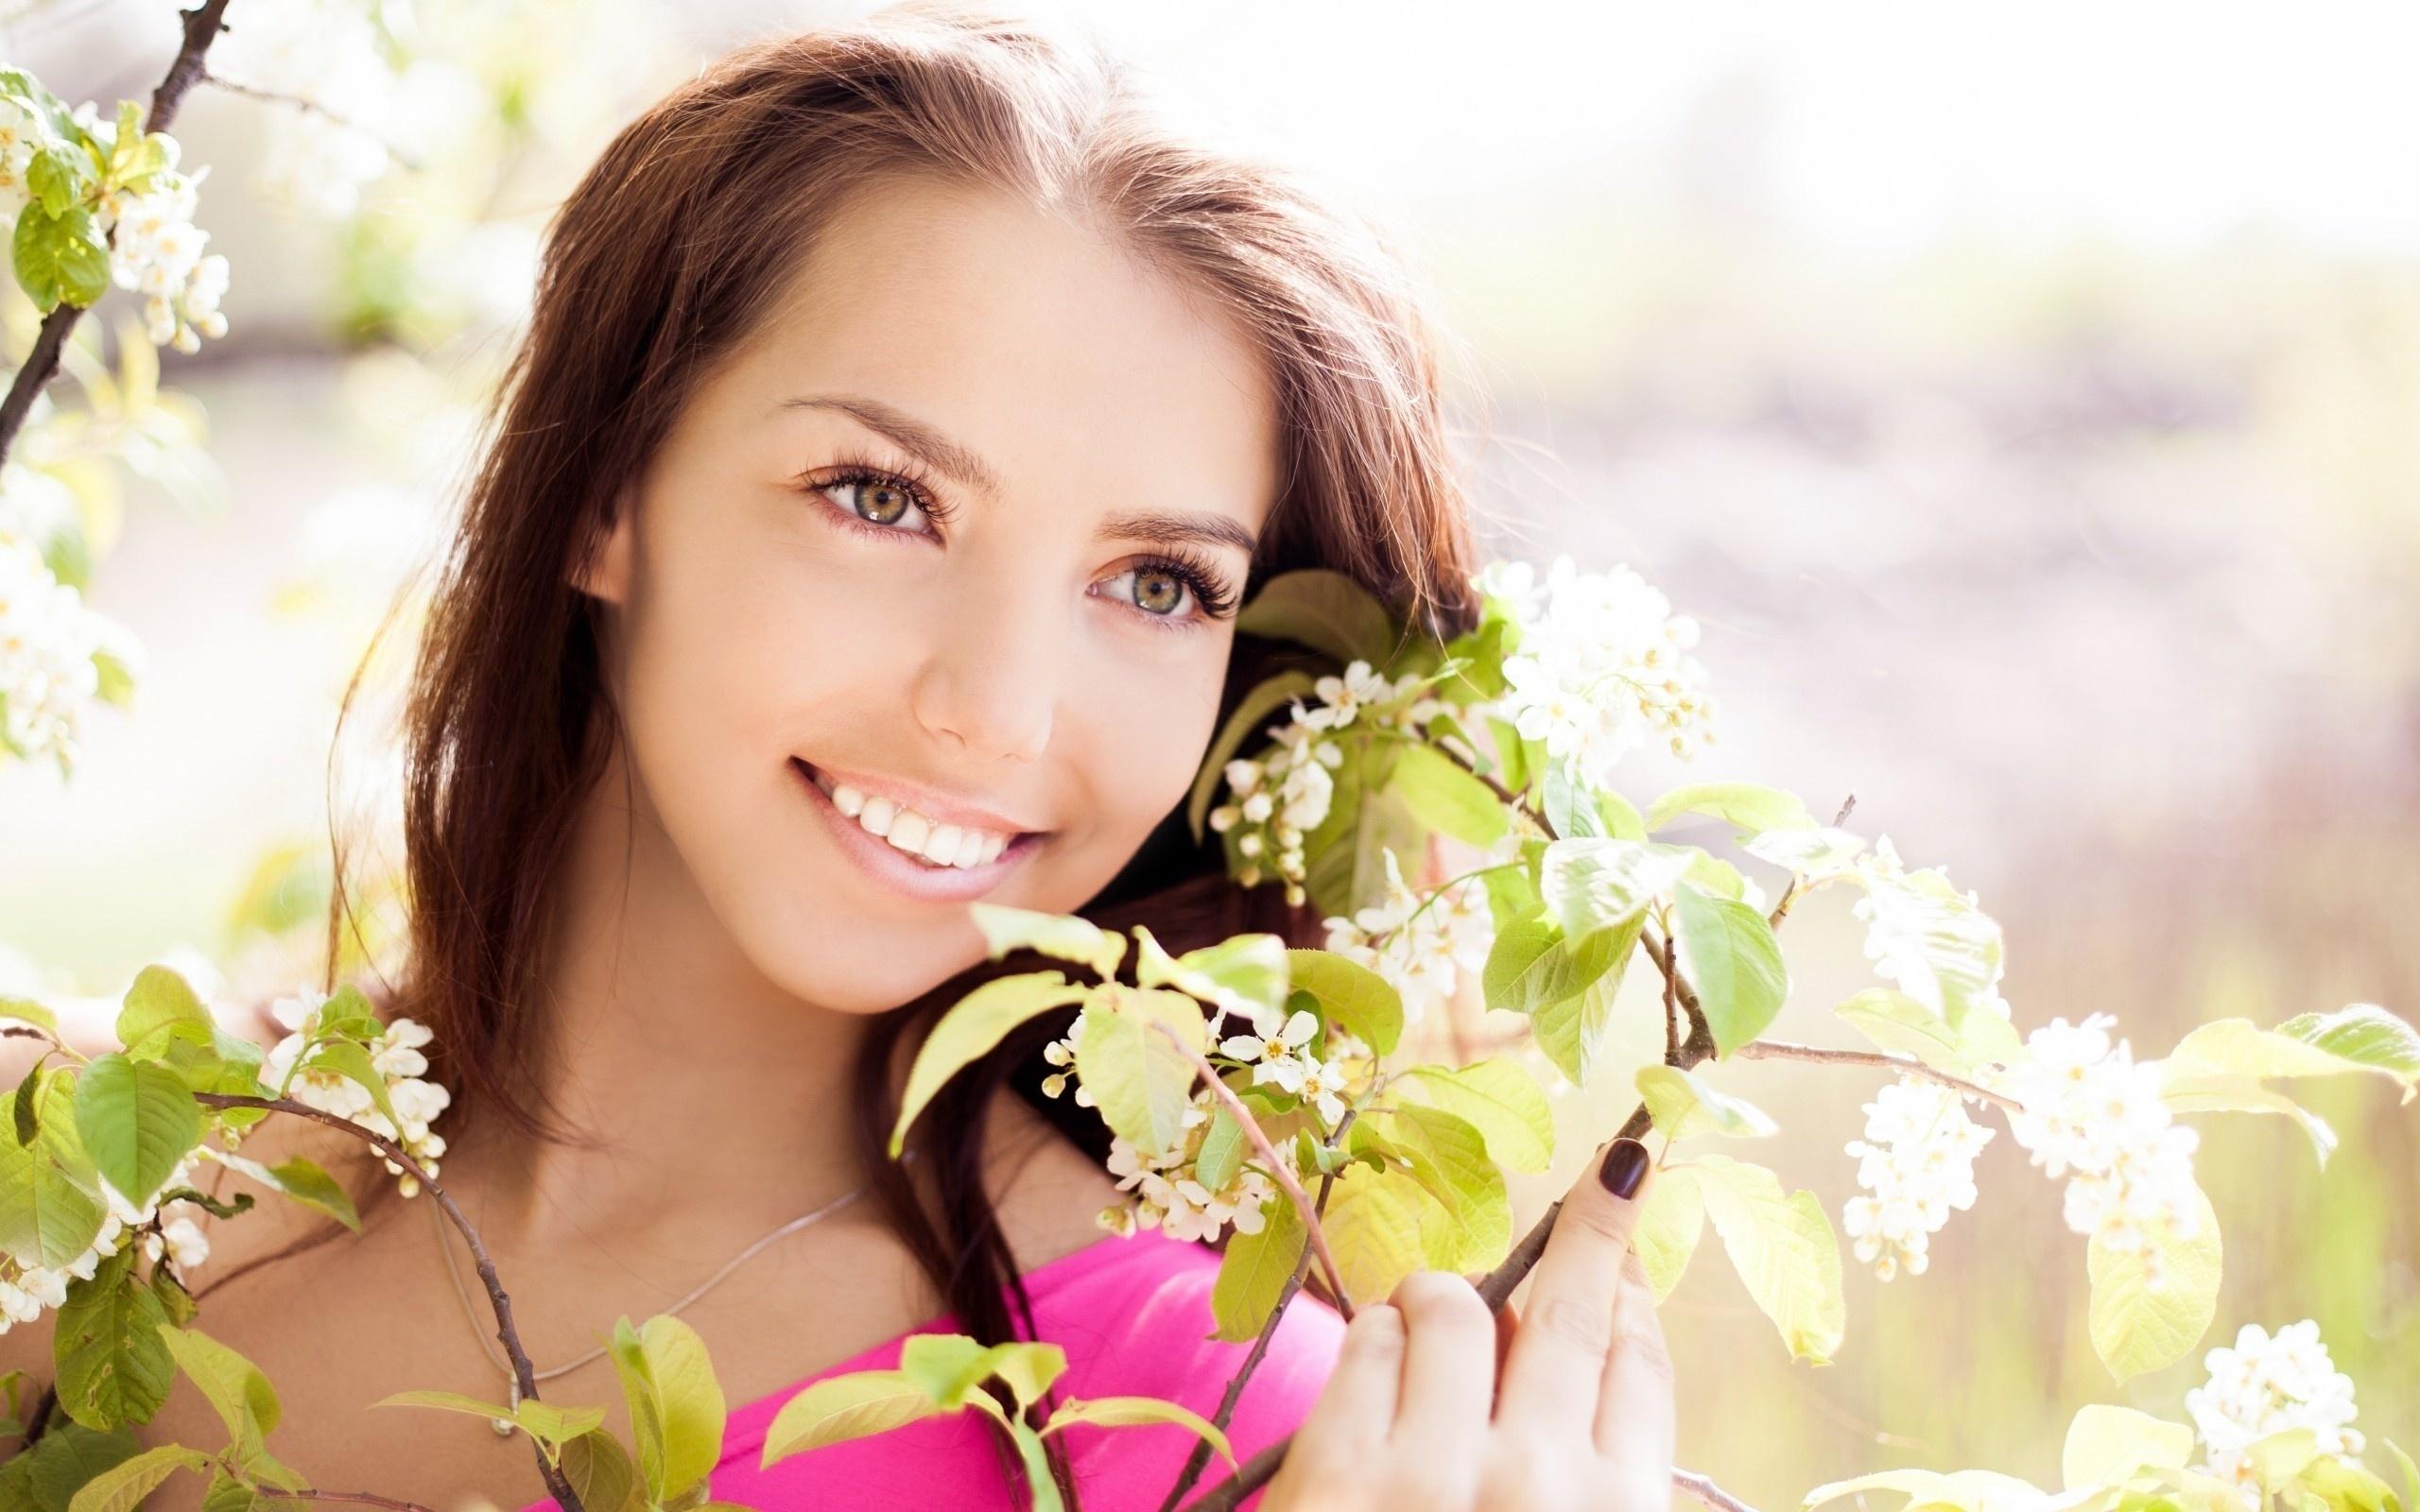 Картинки красивая женщина с цветами